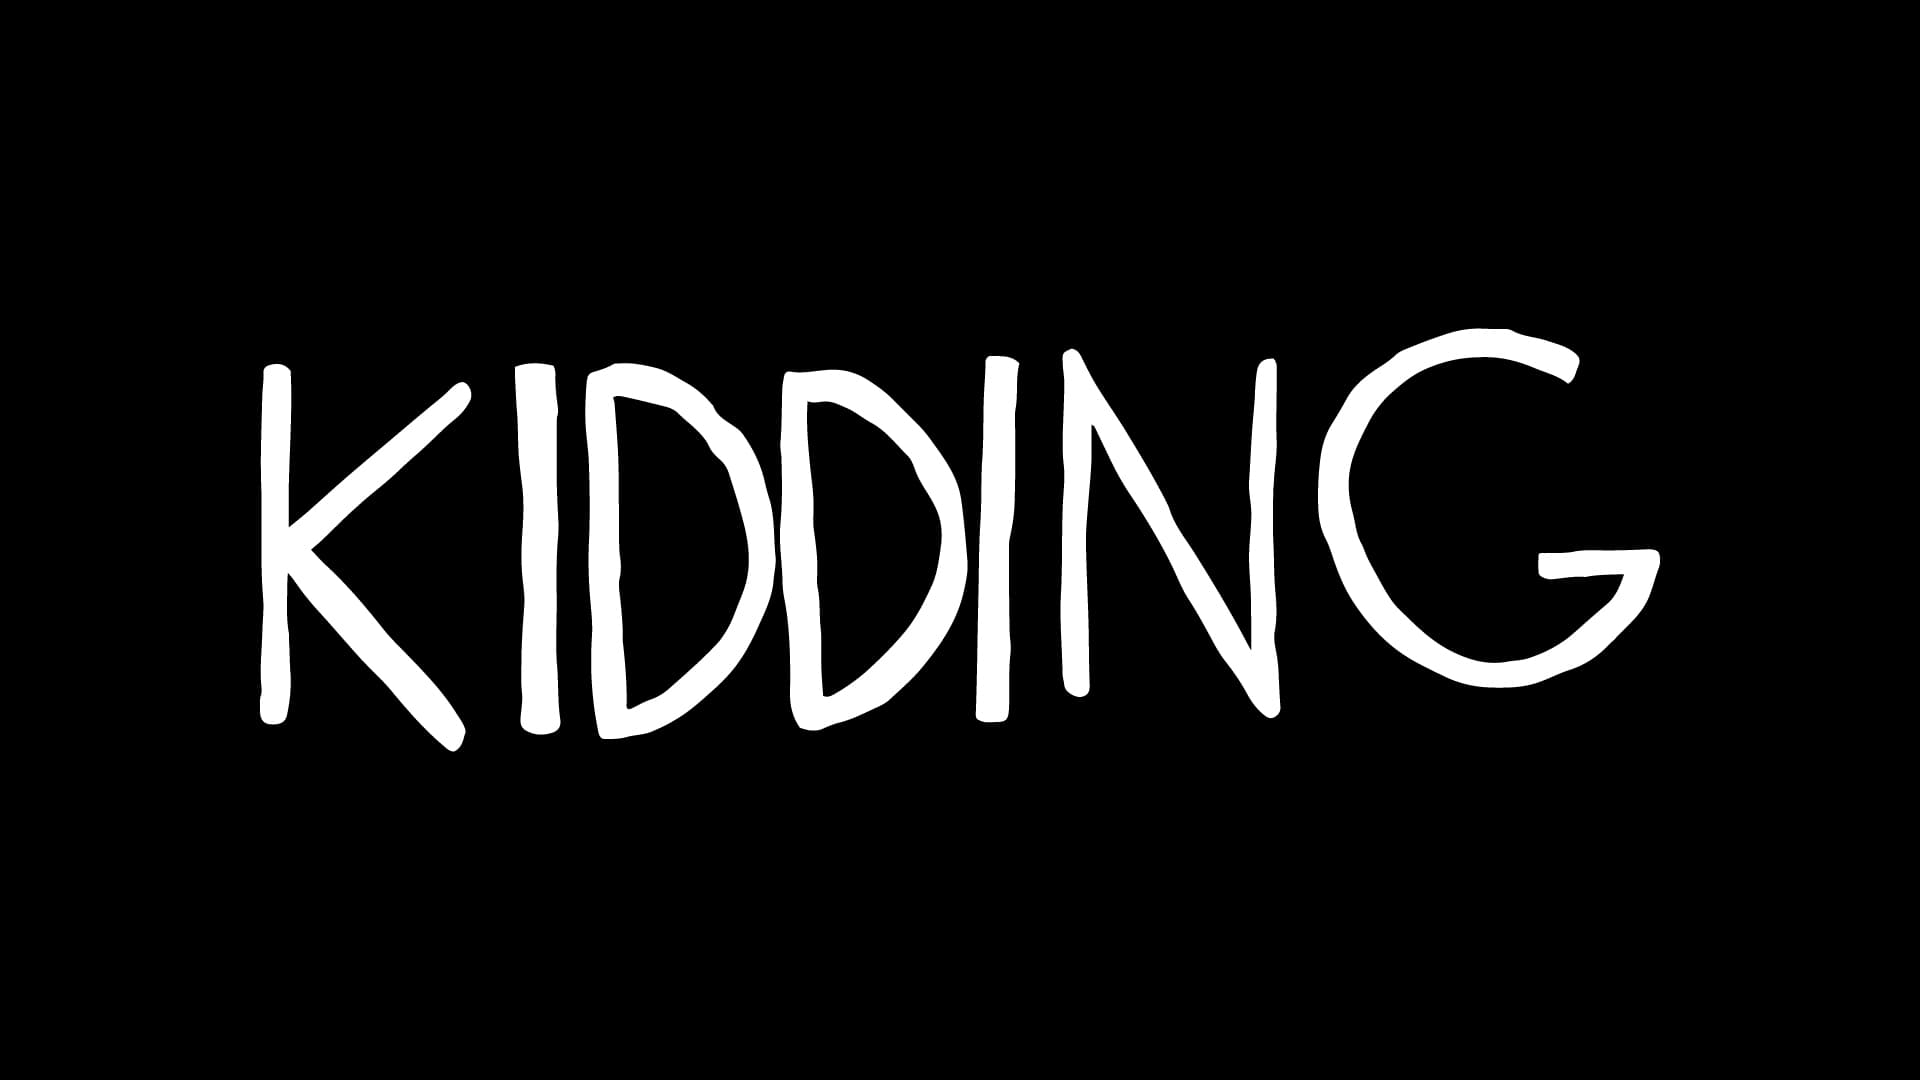 Kidding